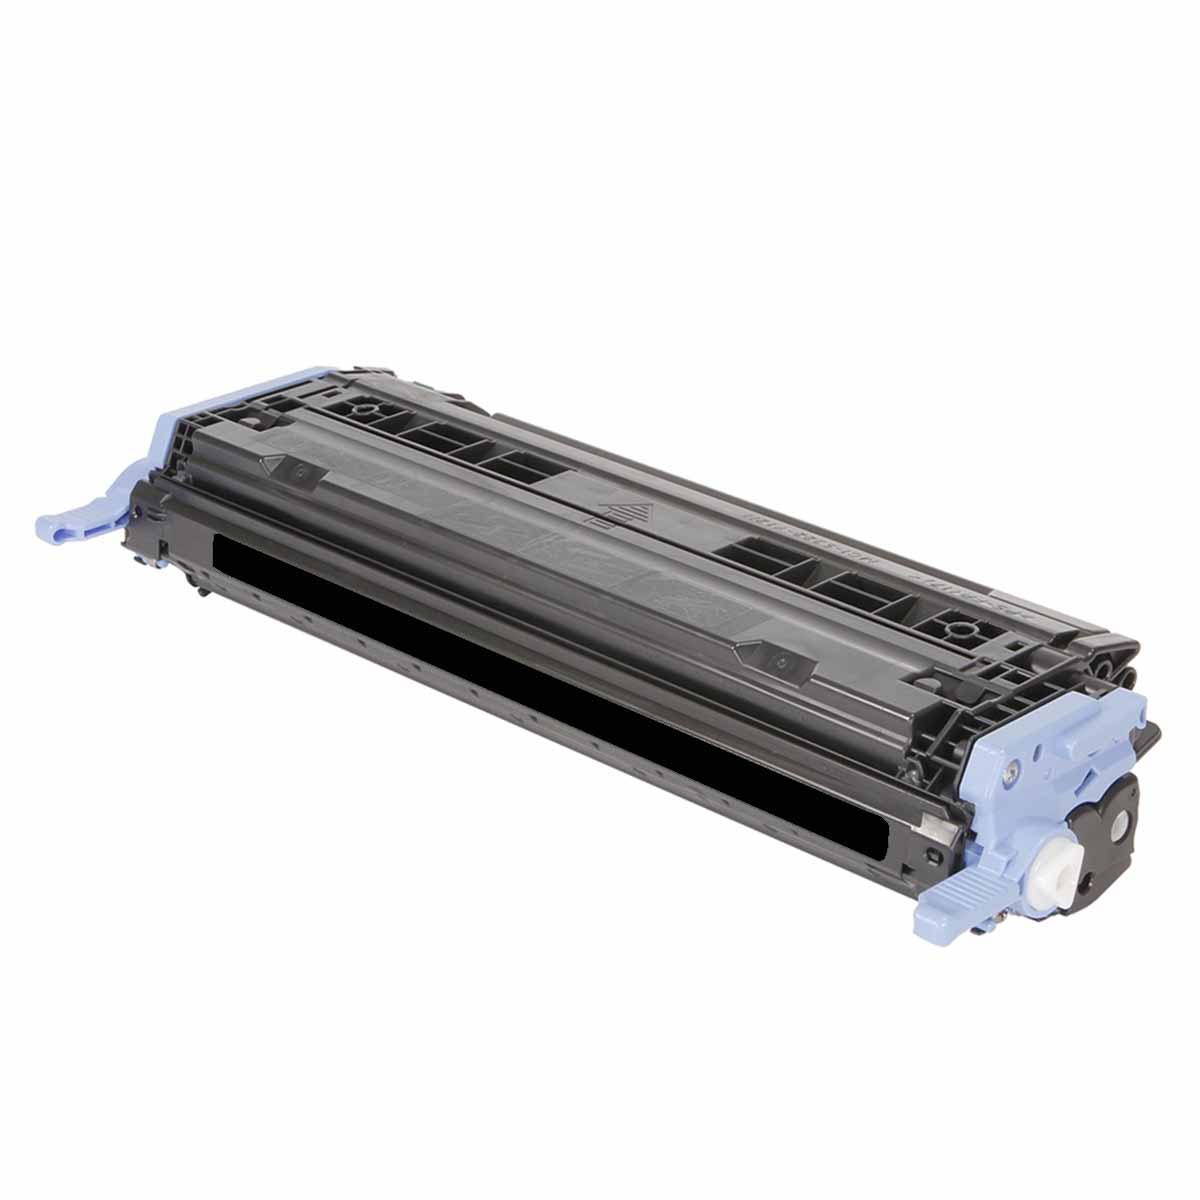 CARTUCHO HP (Q6000A/Q6000AB) 2605DN/2600/2600N/2600DTN PRETO COMPATÍVEL